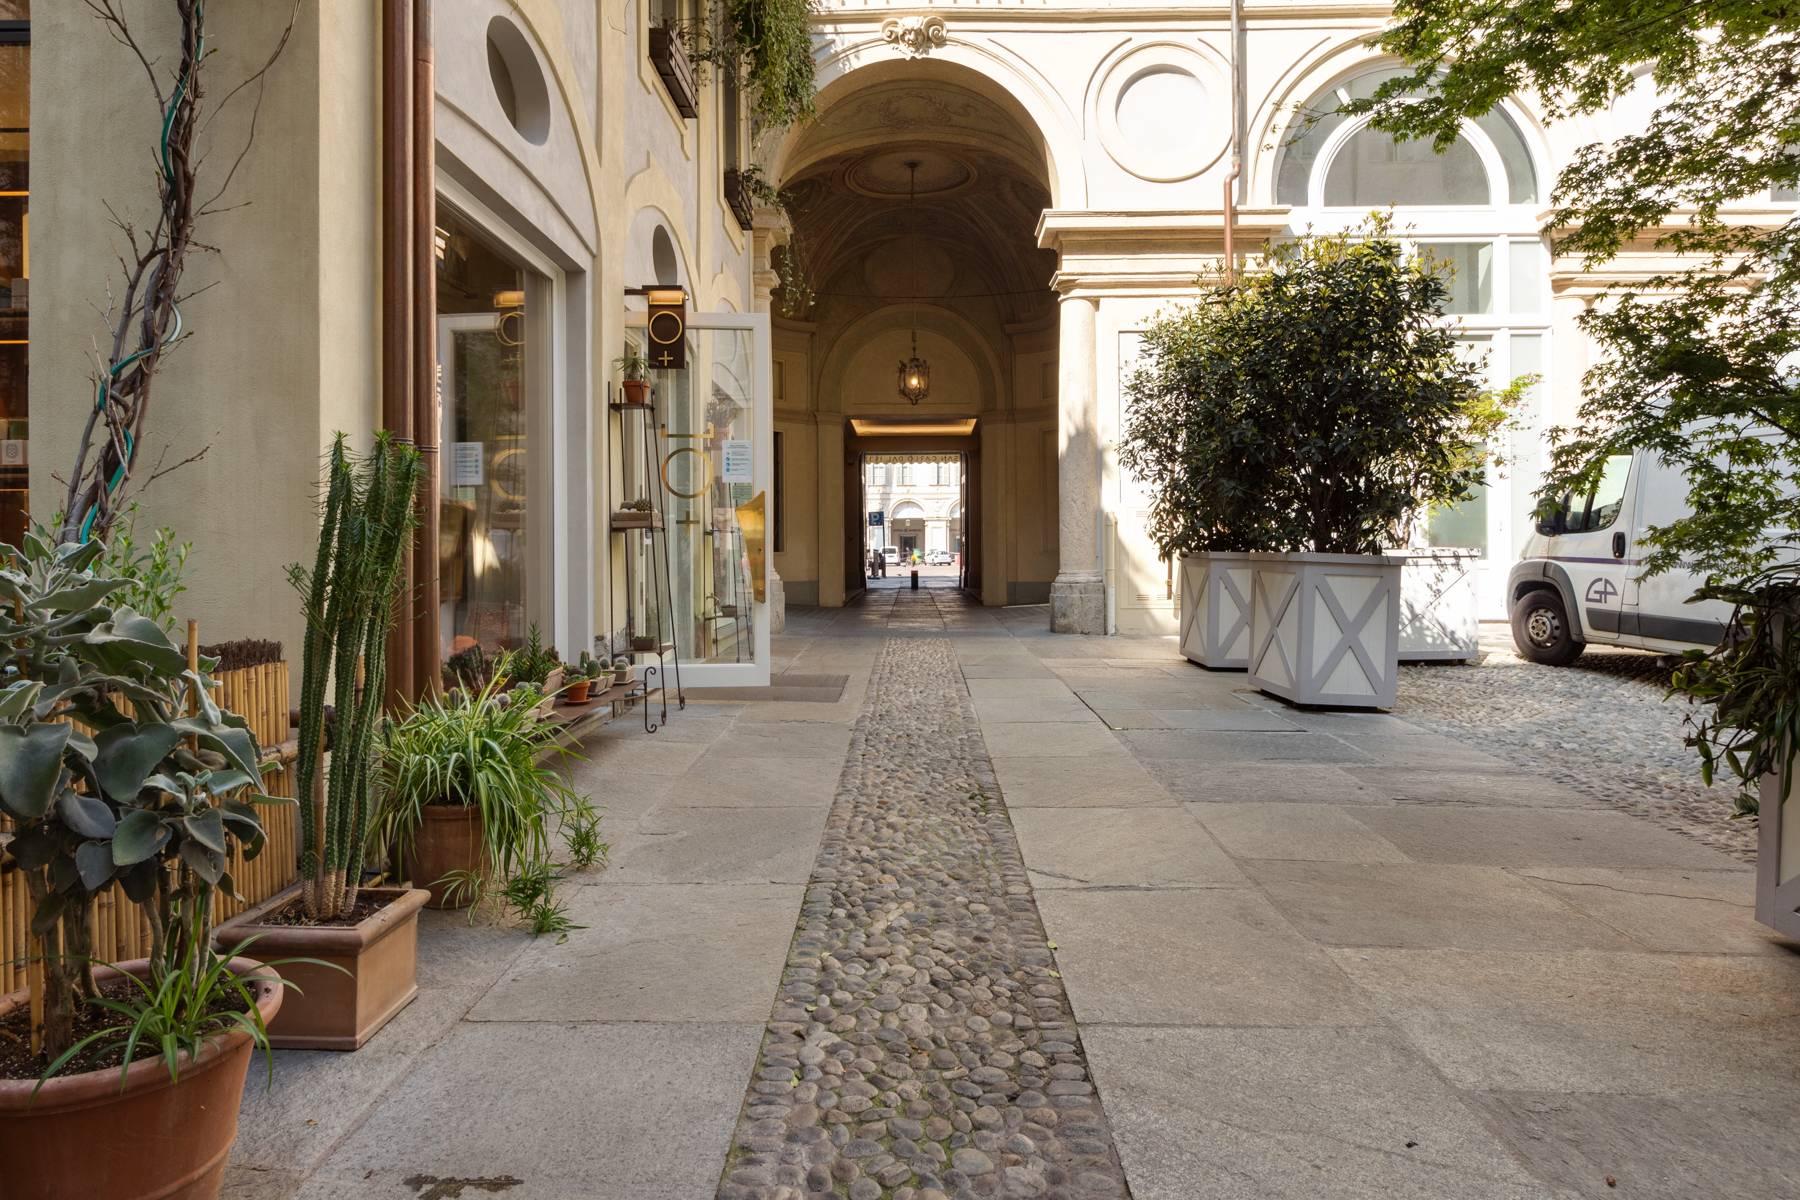 Attico in Vendita a Torino: 5 locali, 452 mq - Foto 20